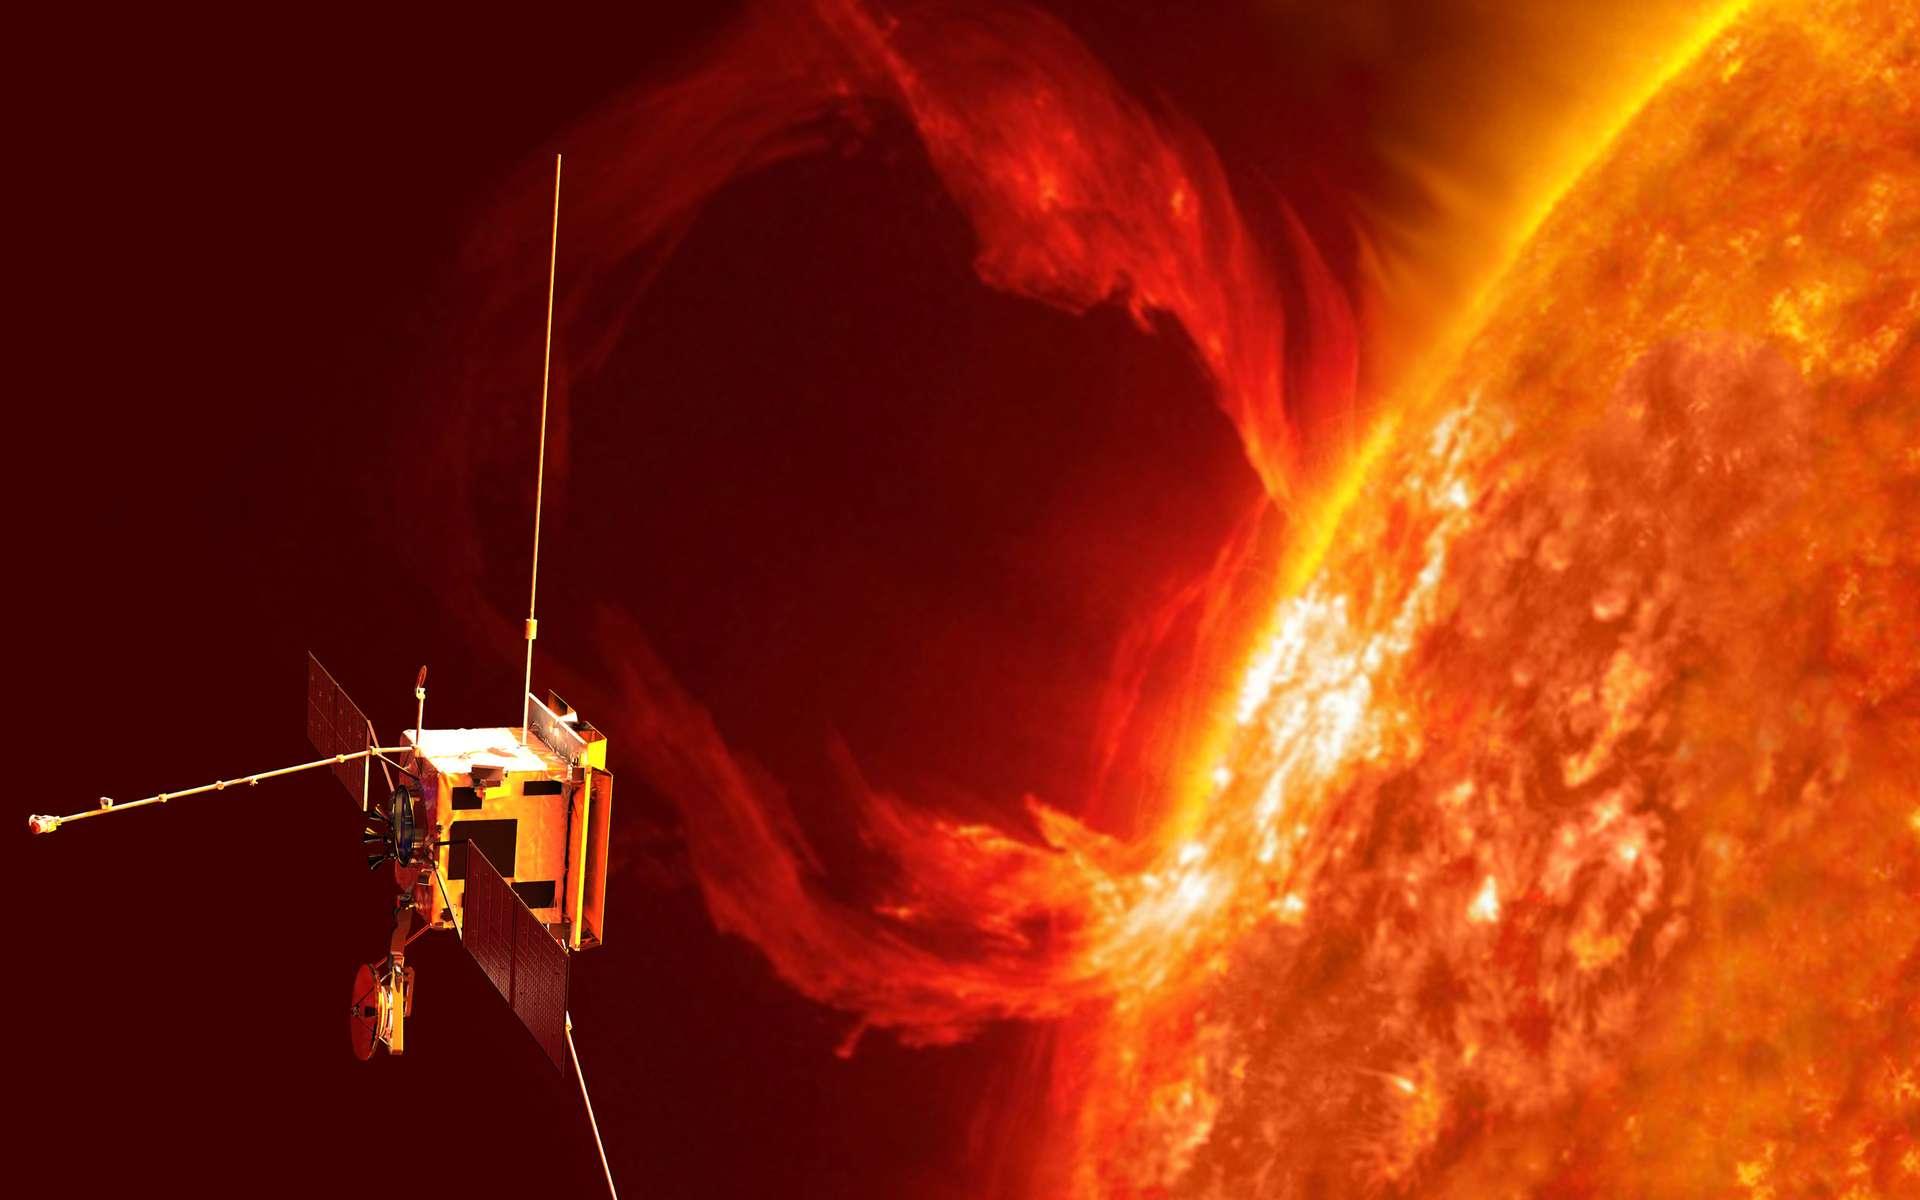 Vue d'artiste de Solar Orbiter. À ce jour, le record de distance à proximité du Soleil est détenu par la sonde Helios (Nasa) qui s'en était approché à 43,5 millions de km en avril 1976. Même si elle le dépasse, celui de Solar Orbiter ne tiendra pas longtemps. Le record sera en effet pulvérisé en 2024 par Solar Probe Plus de la Nasa, laquelle devrait s'en approcher à seulement 6,3 millions de km ! © ESA, AOES